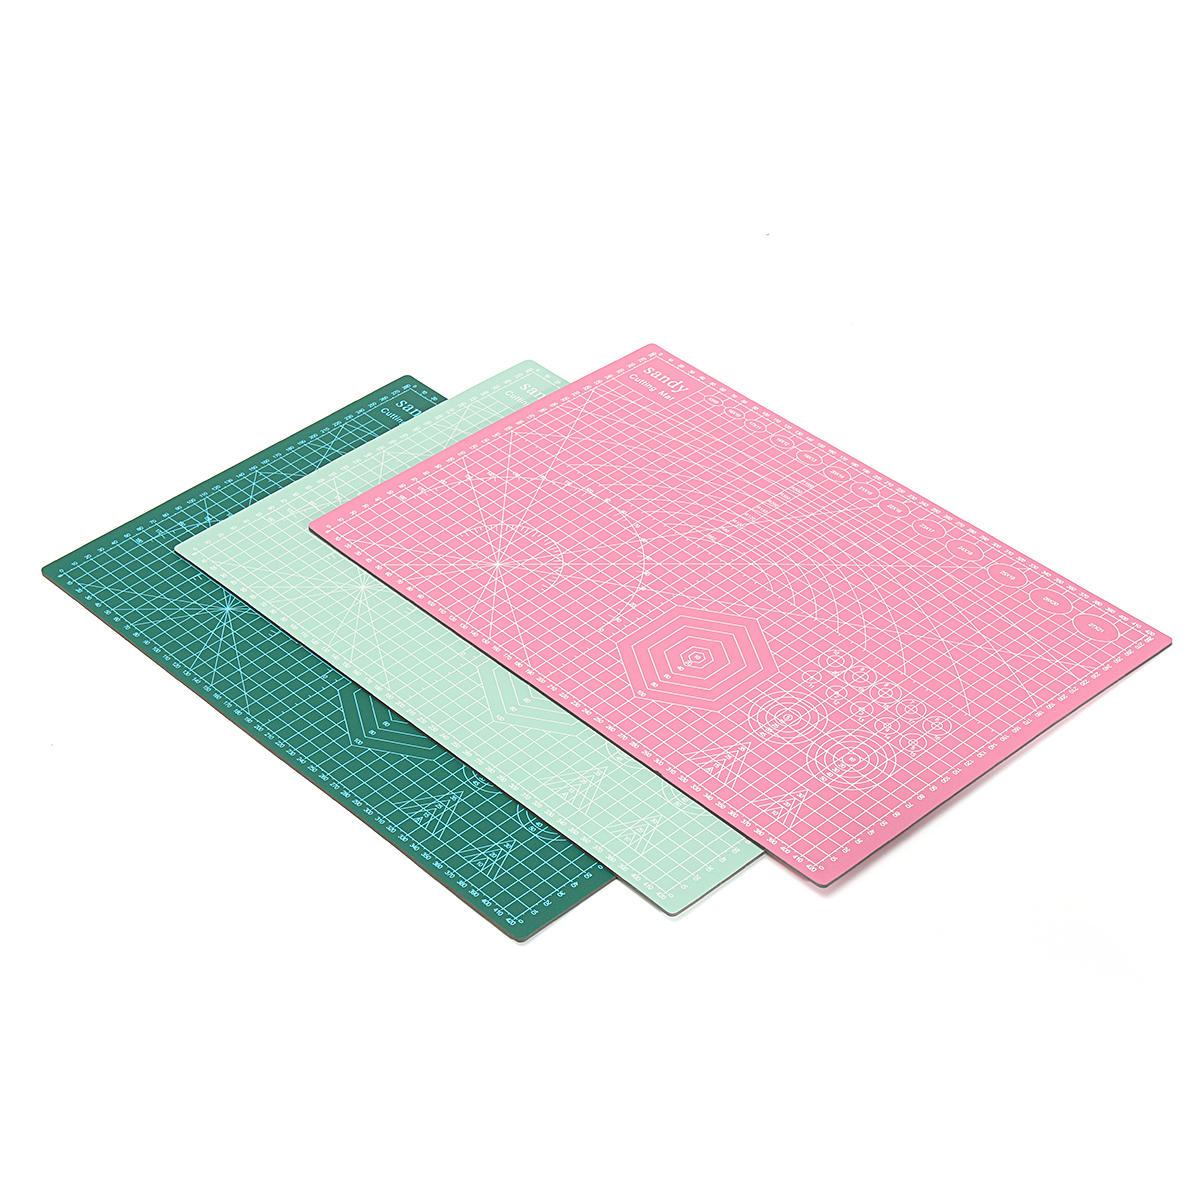 Suleve ™ CM01 A3 Tapis de coupe en PVC auto-réducteur pour artisanat 450x300x2.5 mm